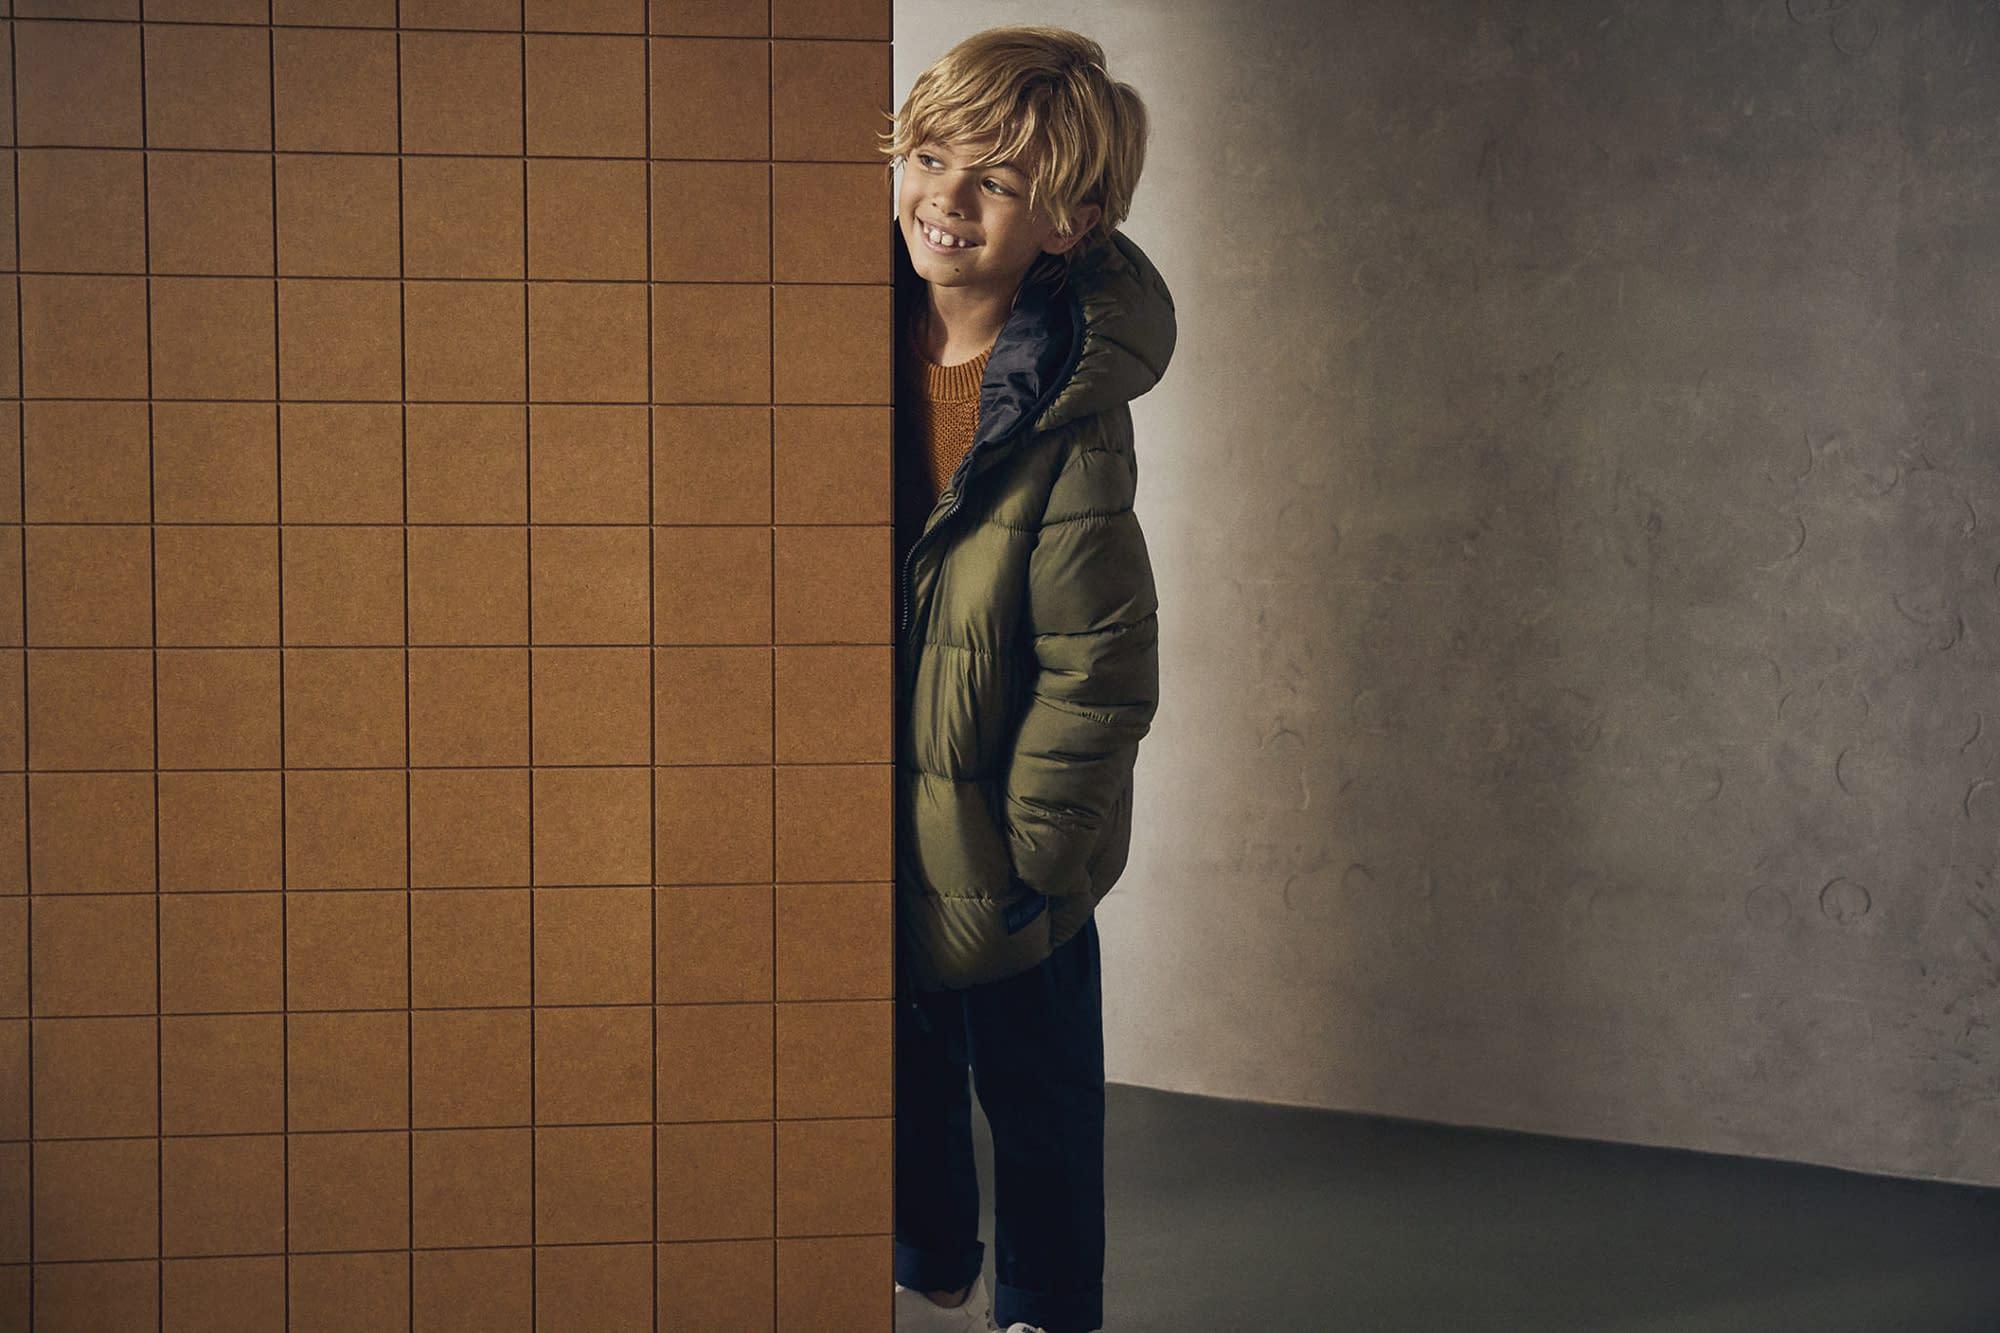 LEFTIES KIDS HW20 PHOTO BY ENRIC GALCERAN - 20